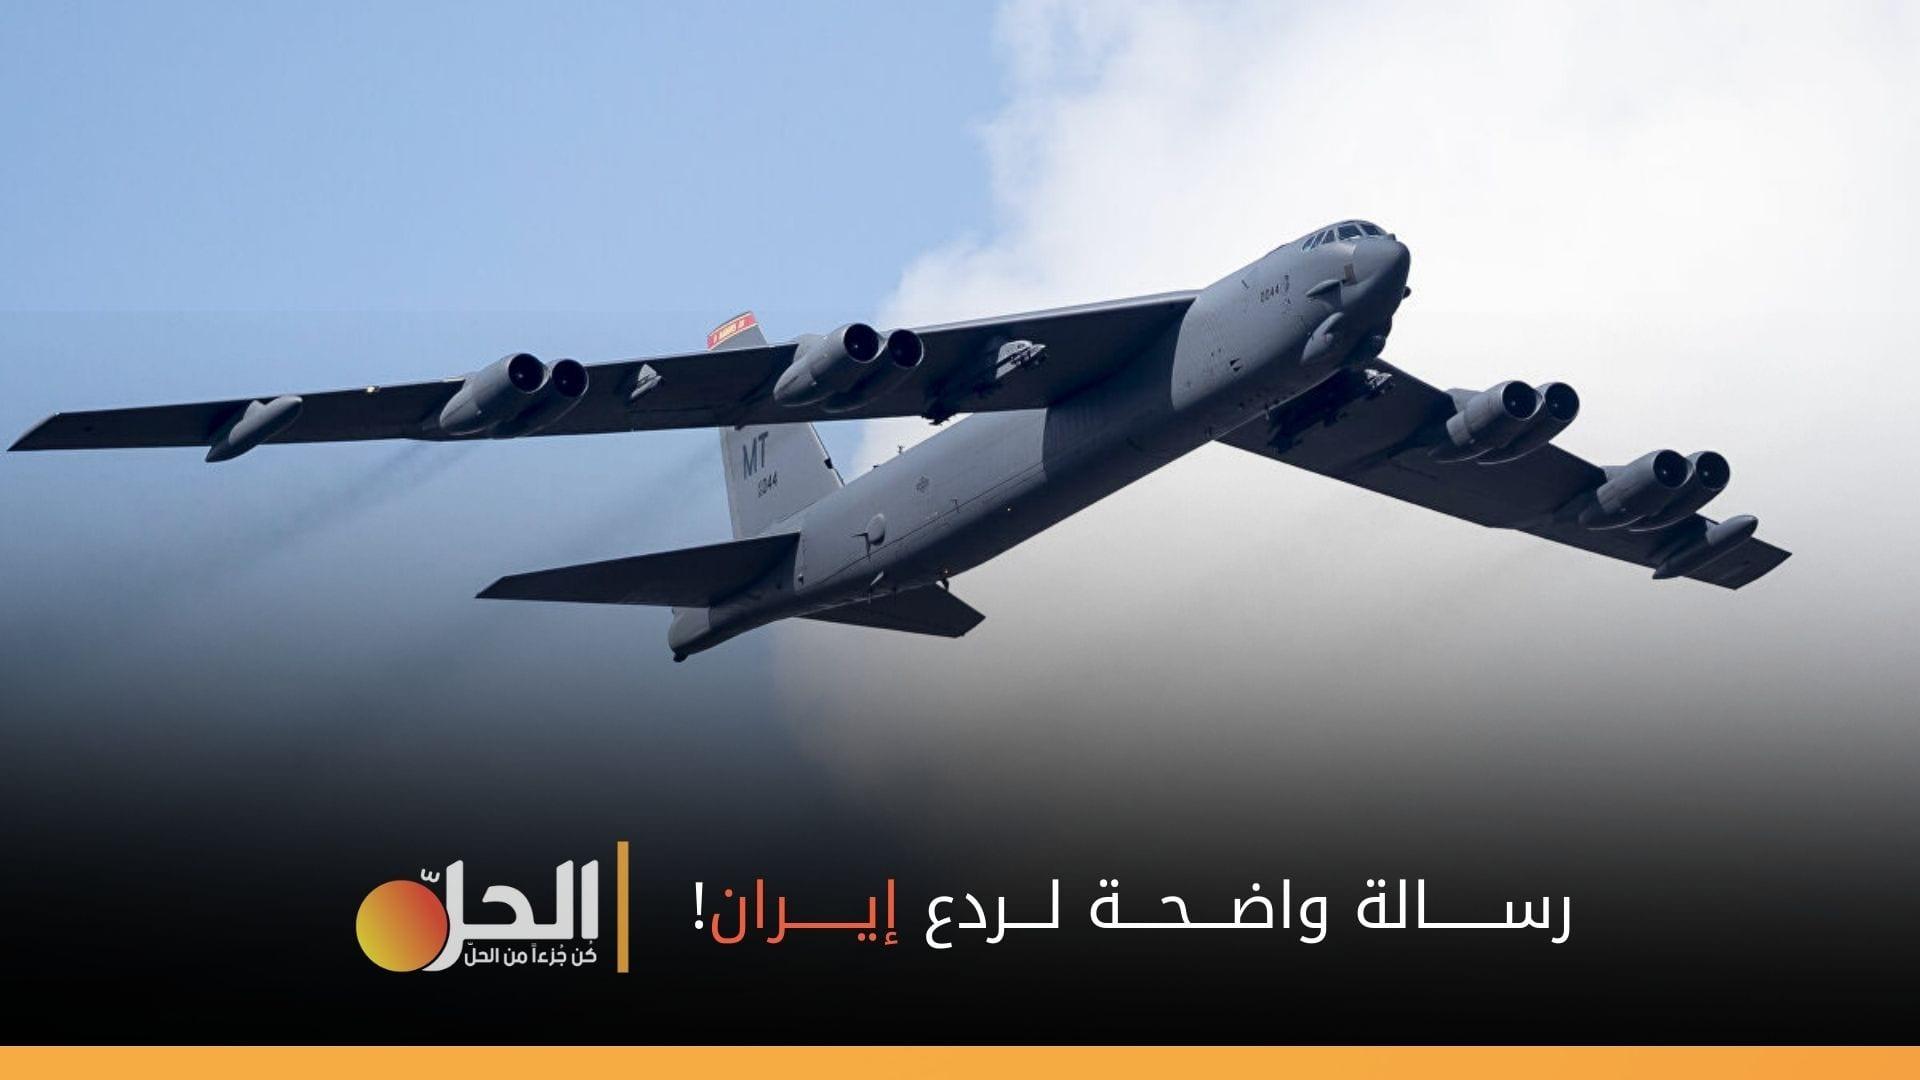 مع عودة قاذفات (B-52).. واشنطن تُرسخ وجودها العسكري في الشرق الأوسط لردع إيران